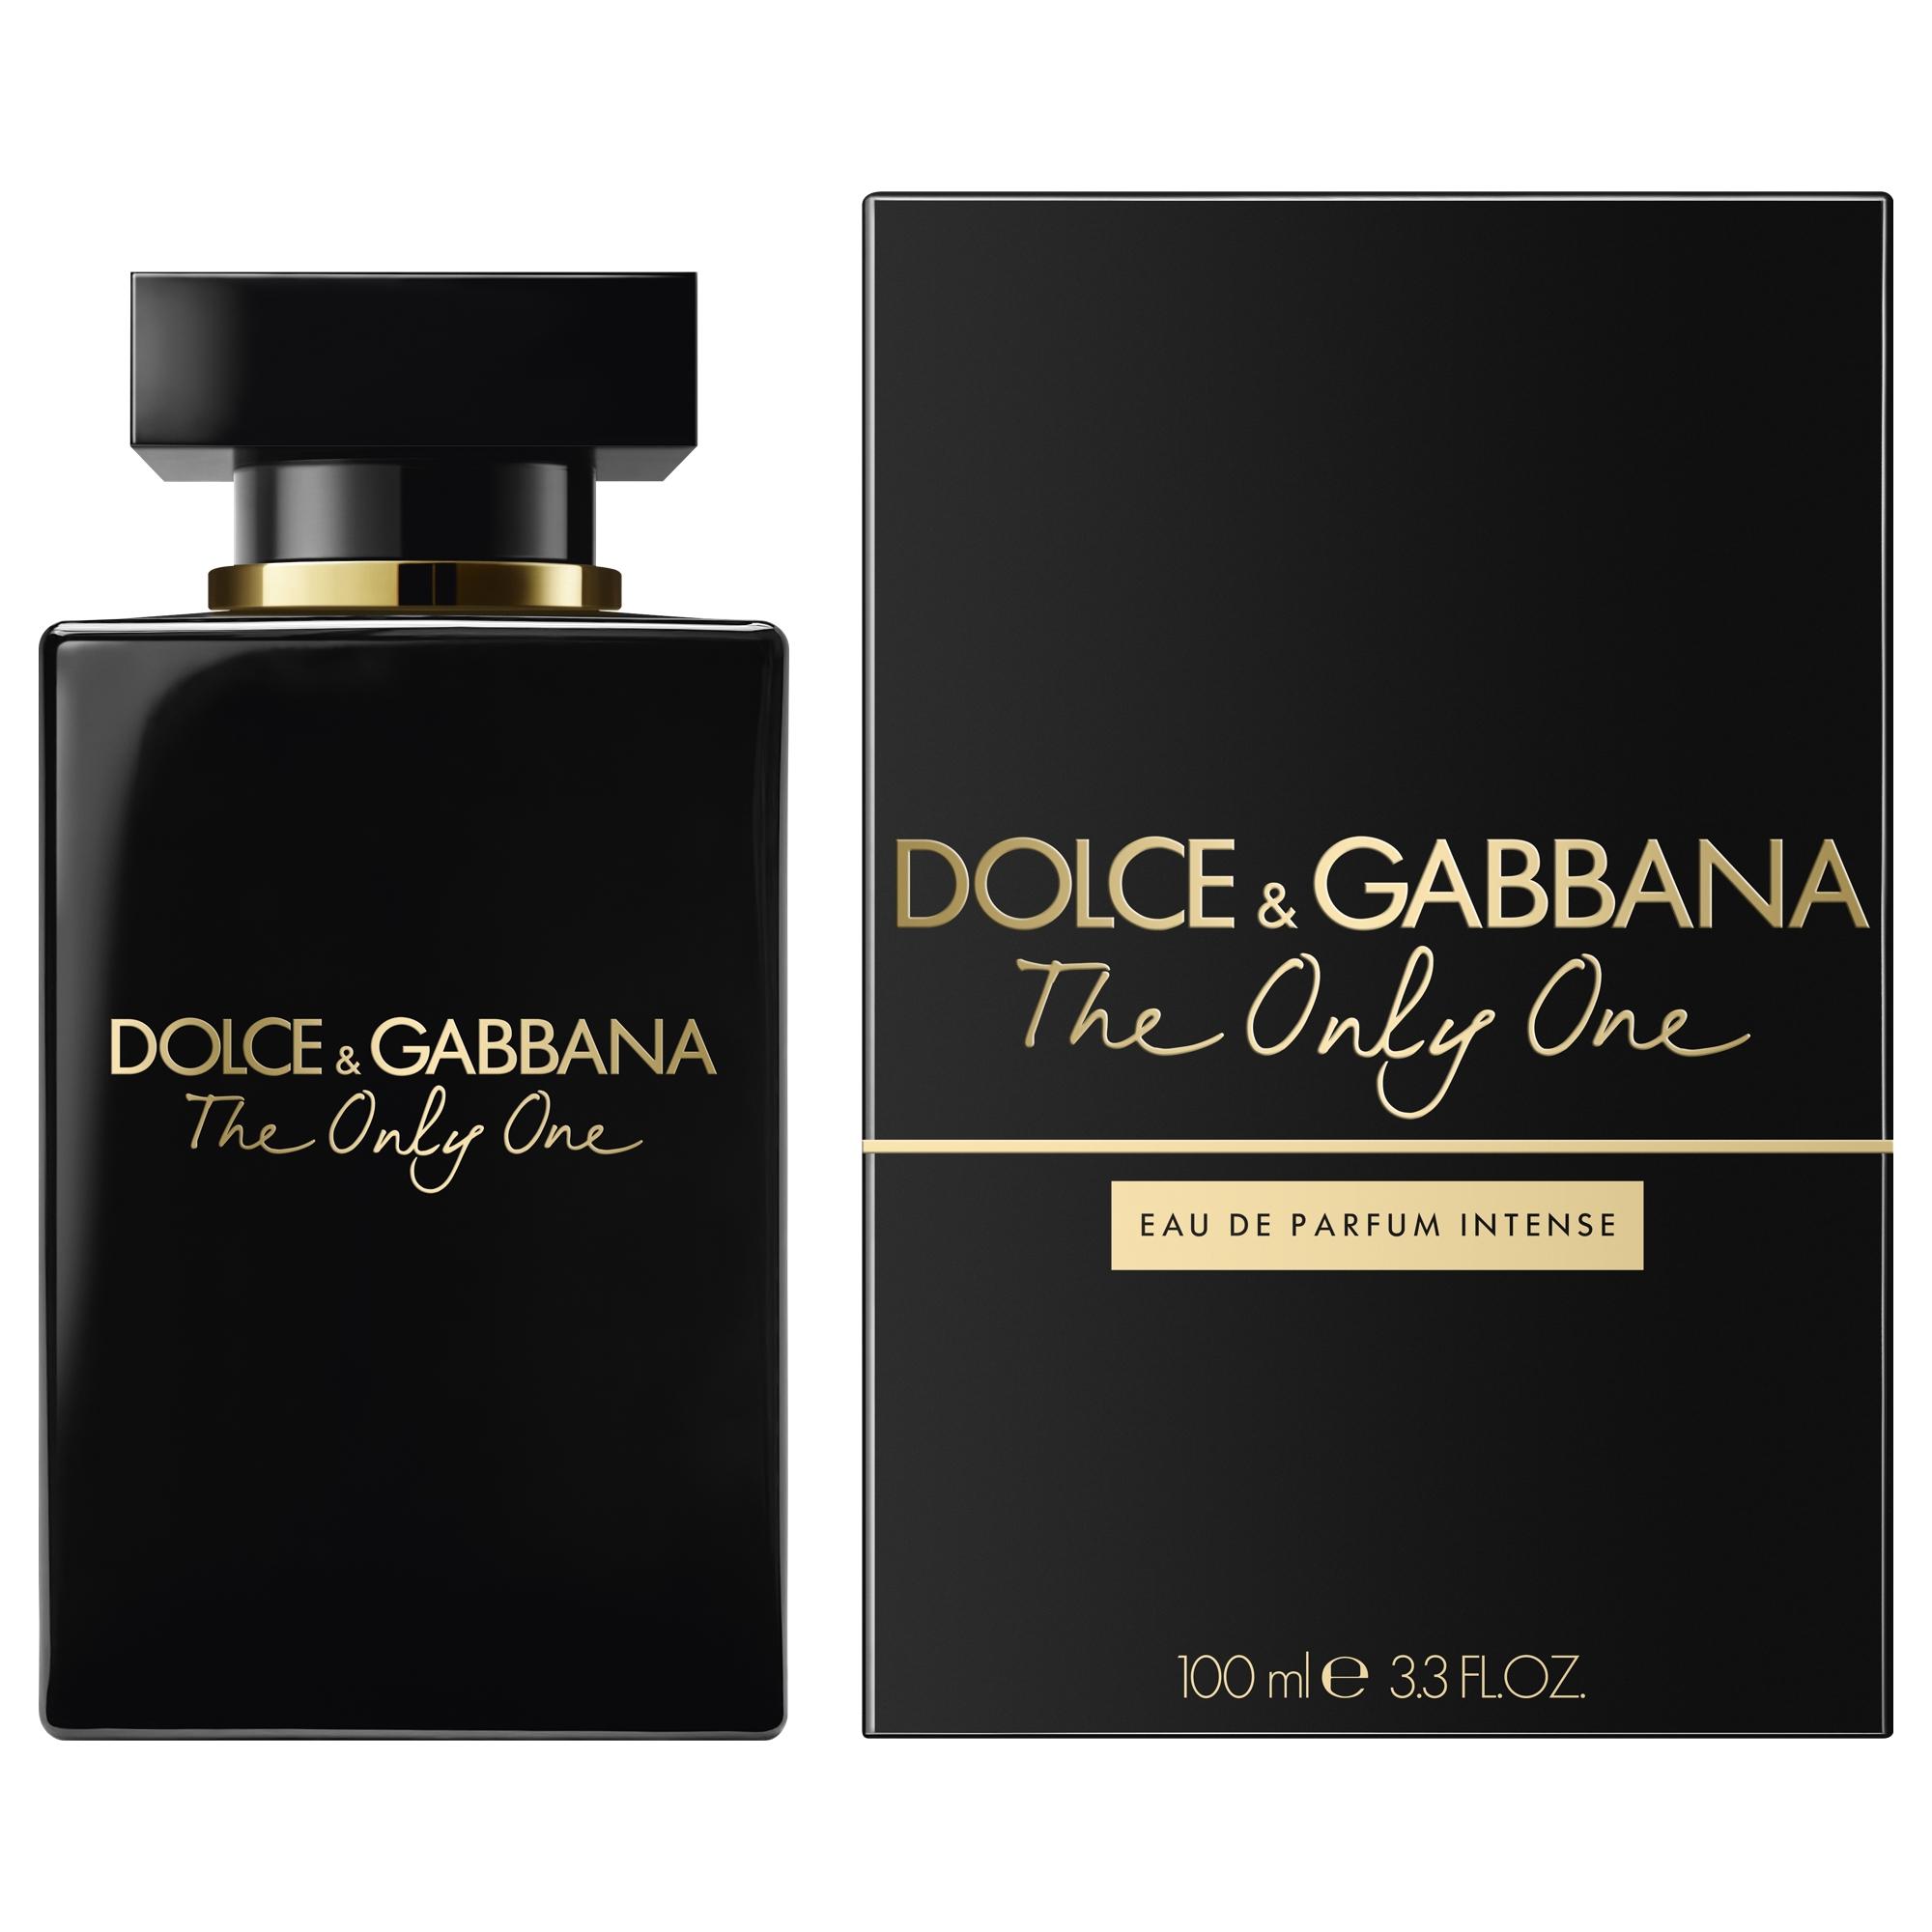 Dolce & Gabbana The Only One 3  Eau de Parfum Intense